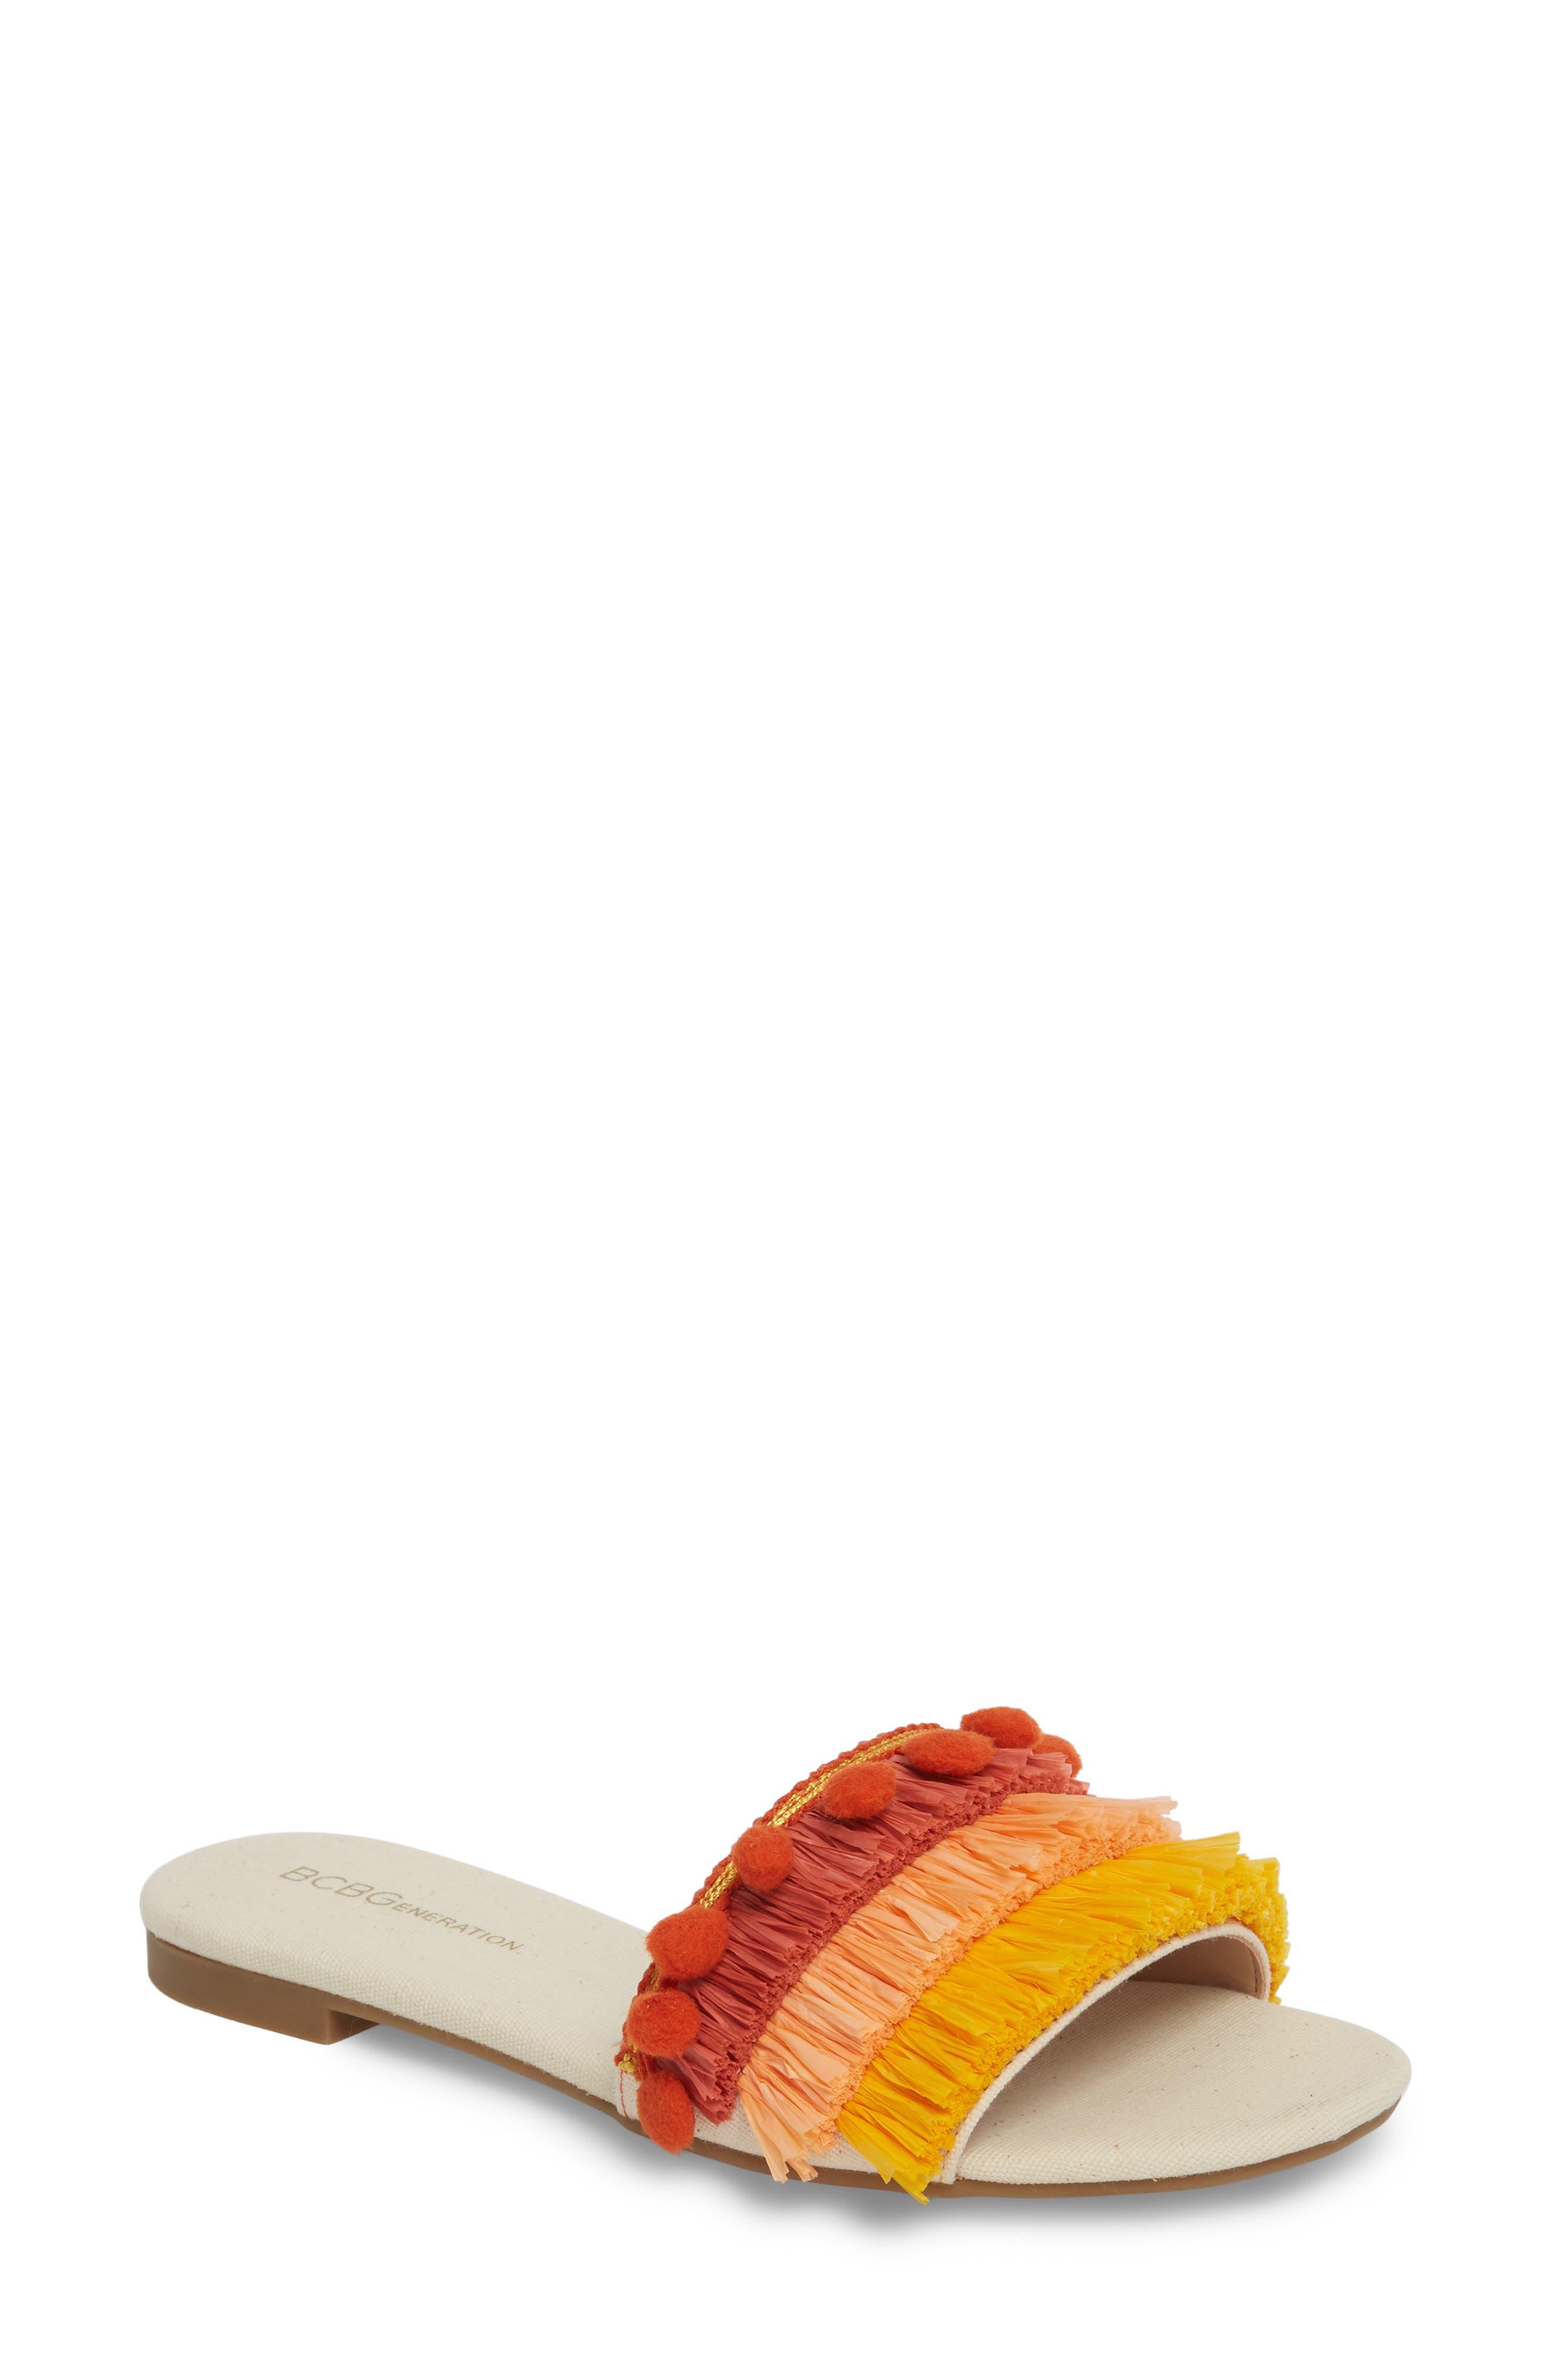 BCBG Genna Raffia Tier Slide Sandal (Women)